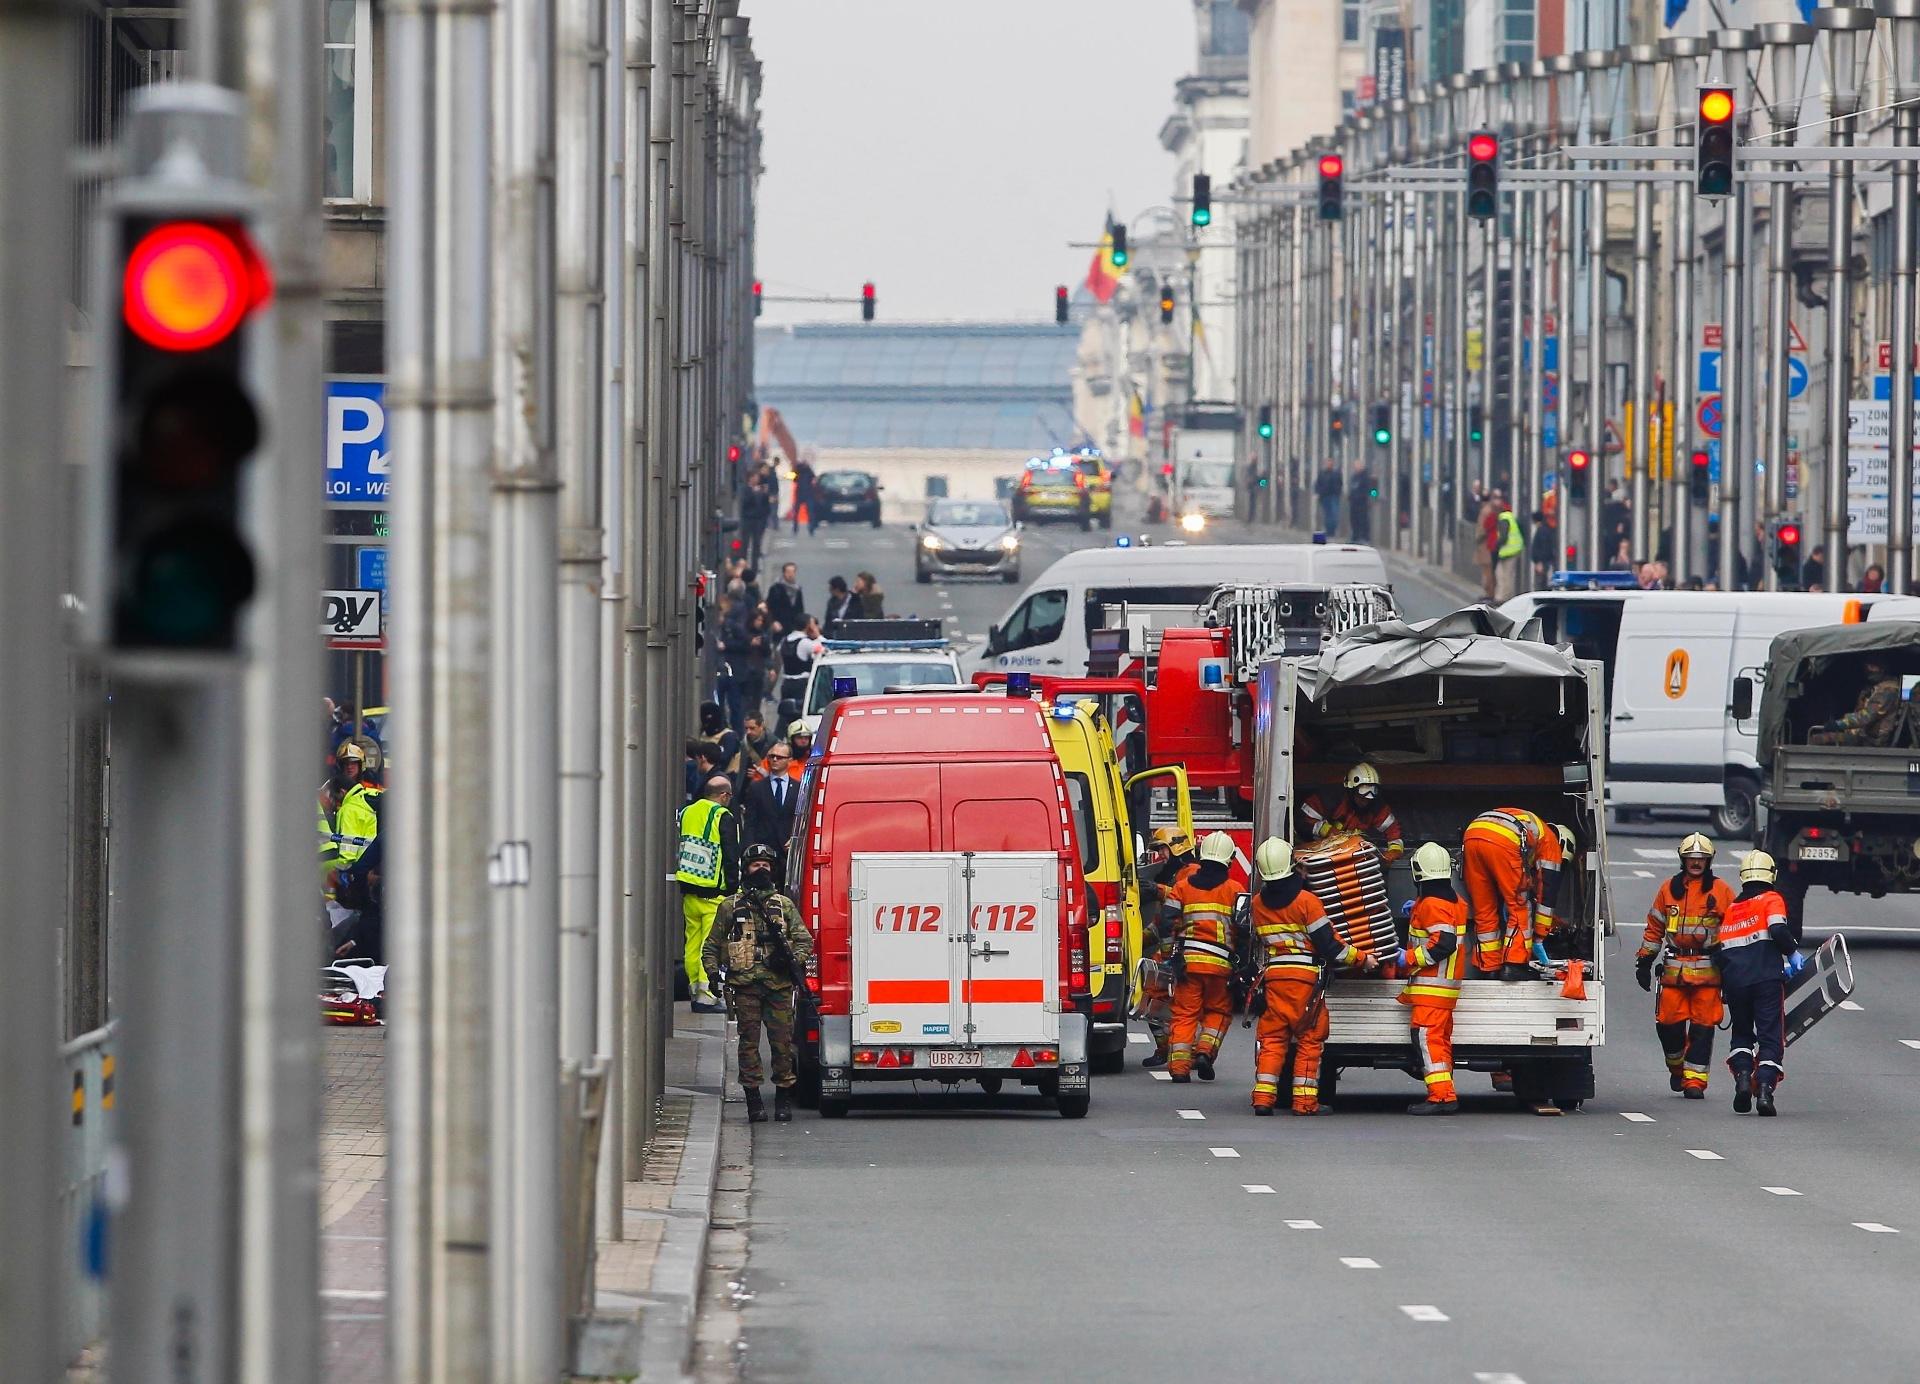 22.mar.2016 - Bombeiros trabalham nos arredores da estação Maalbeek, em Bruxelas, um dos alvos do atentato terrorista na Bélgica. As explosões na estação aconteceram cerca de uma hora depois de um ataque no aeroporto internacional